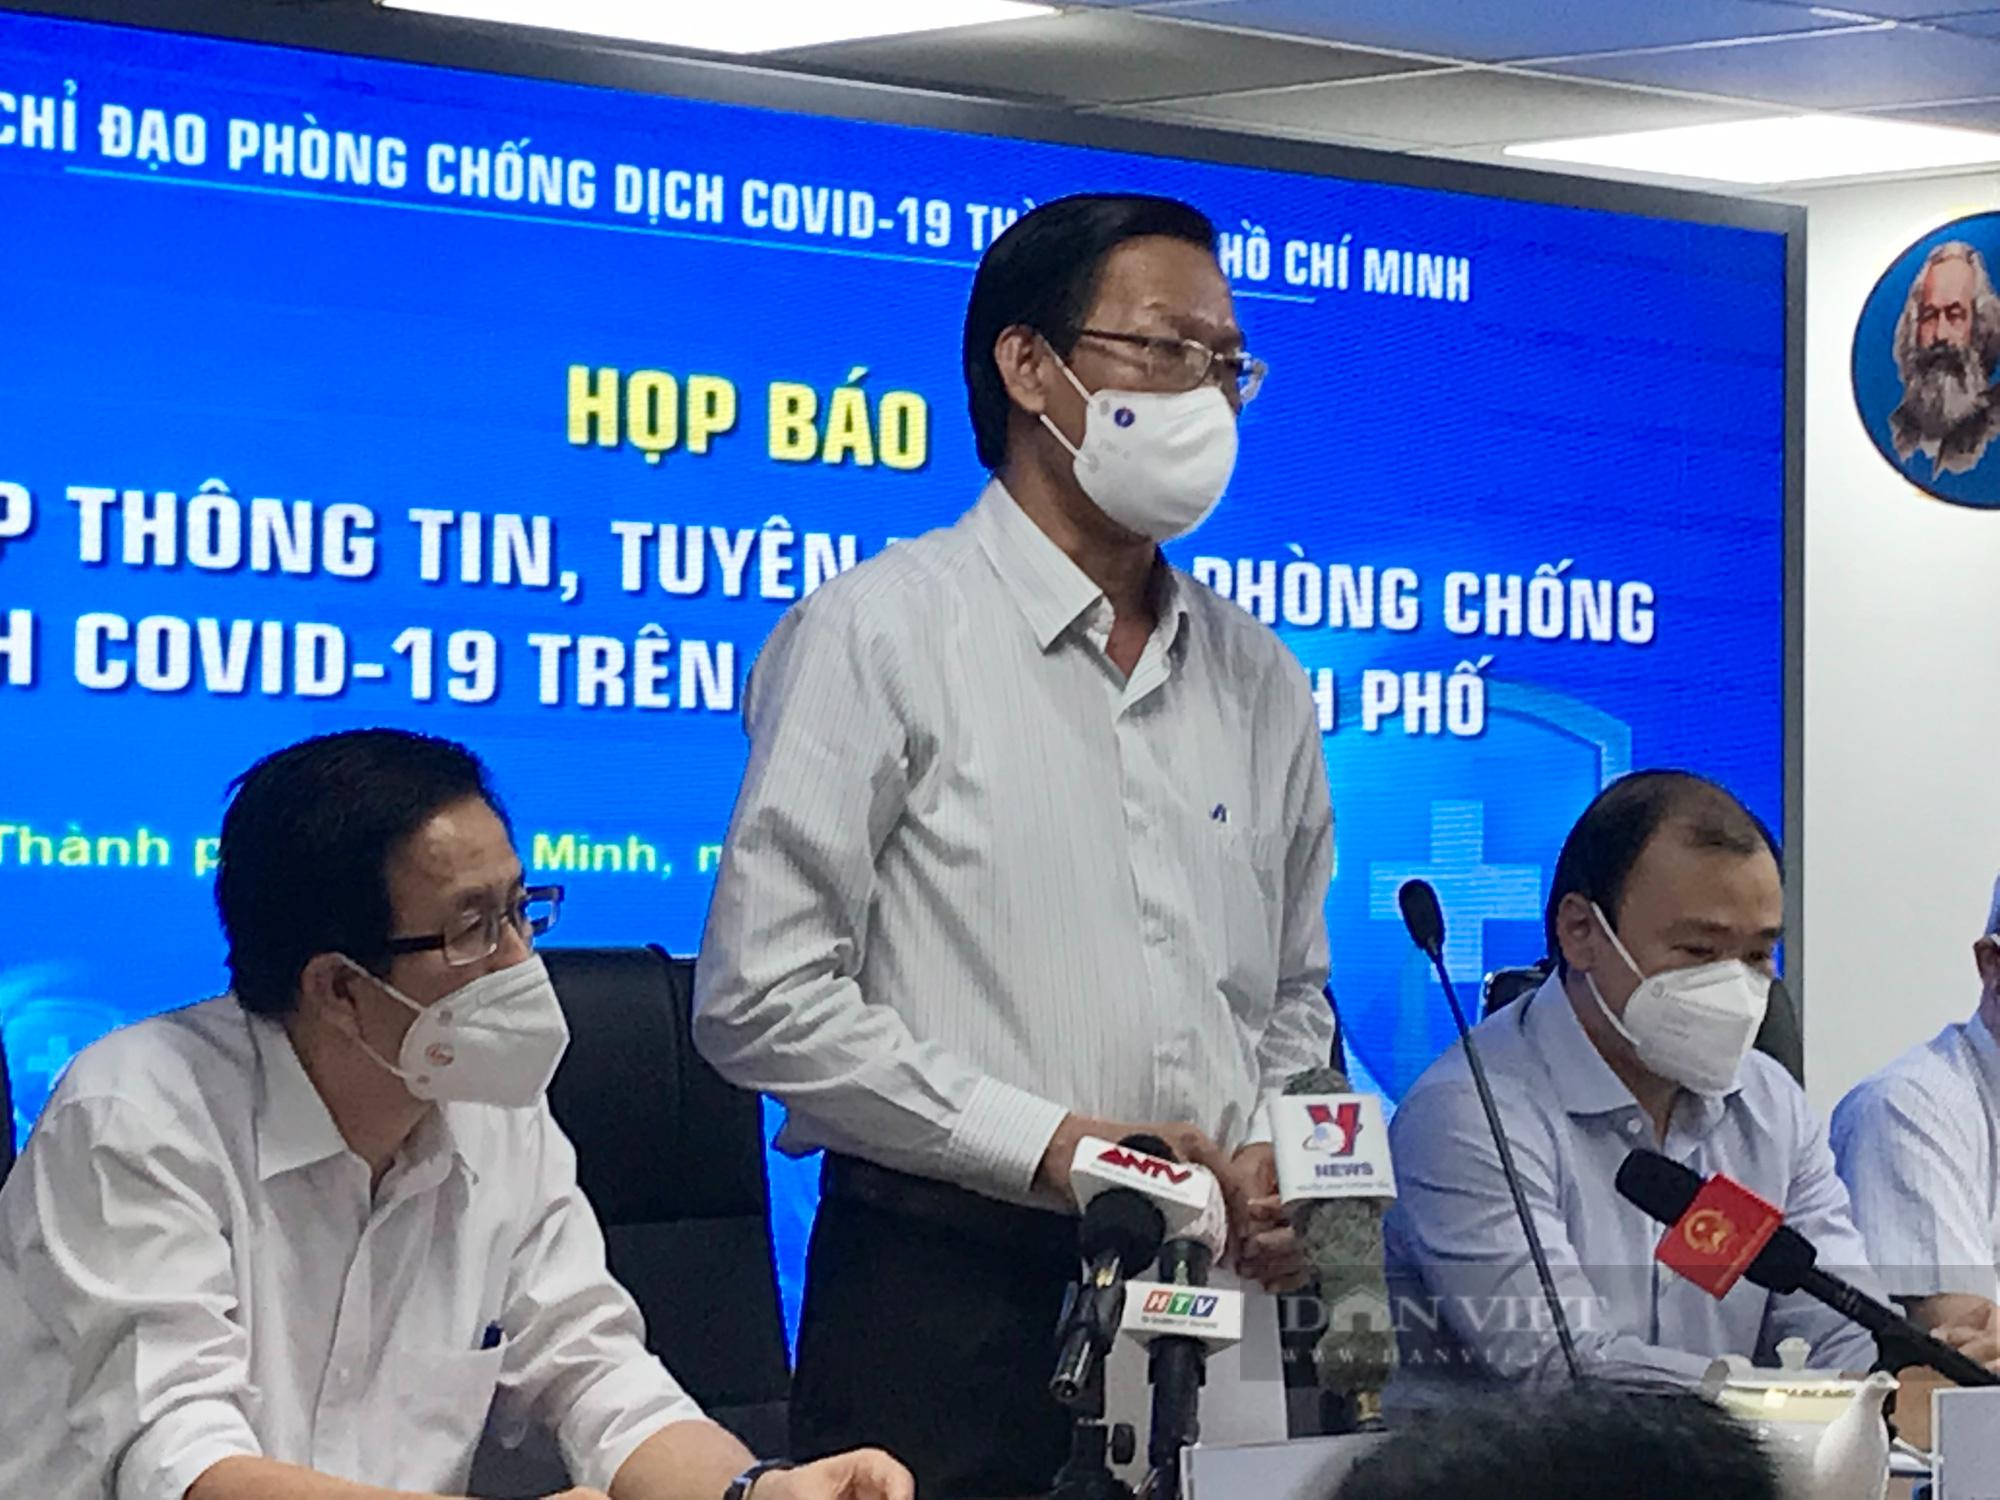 Chủ tịch UBND TP.HCM: Tiếp tục giãn cách xã hội toàn thành phố đến hết tháng 9 - Ảnh 1.